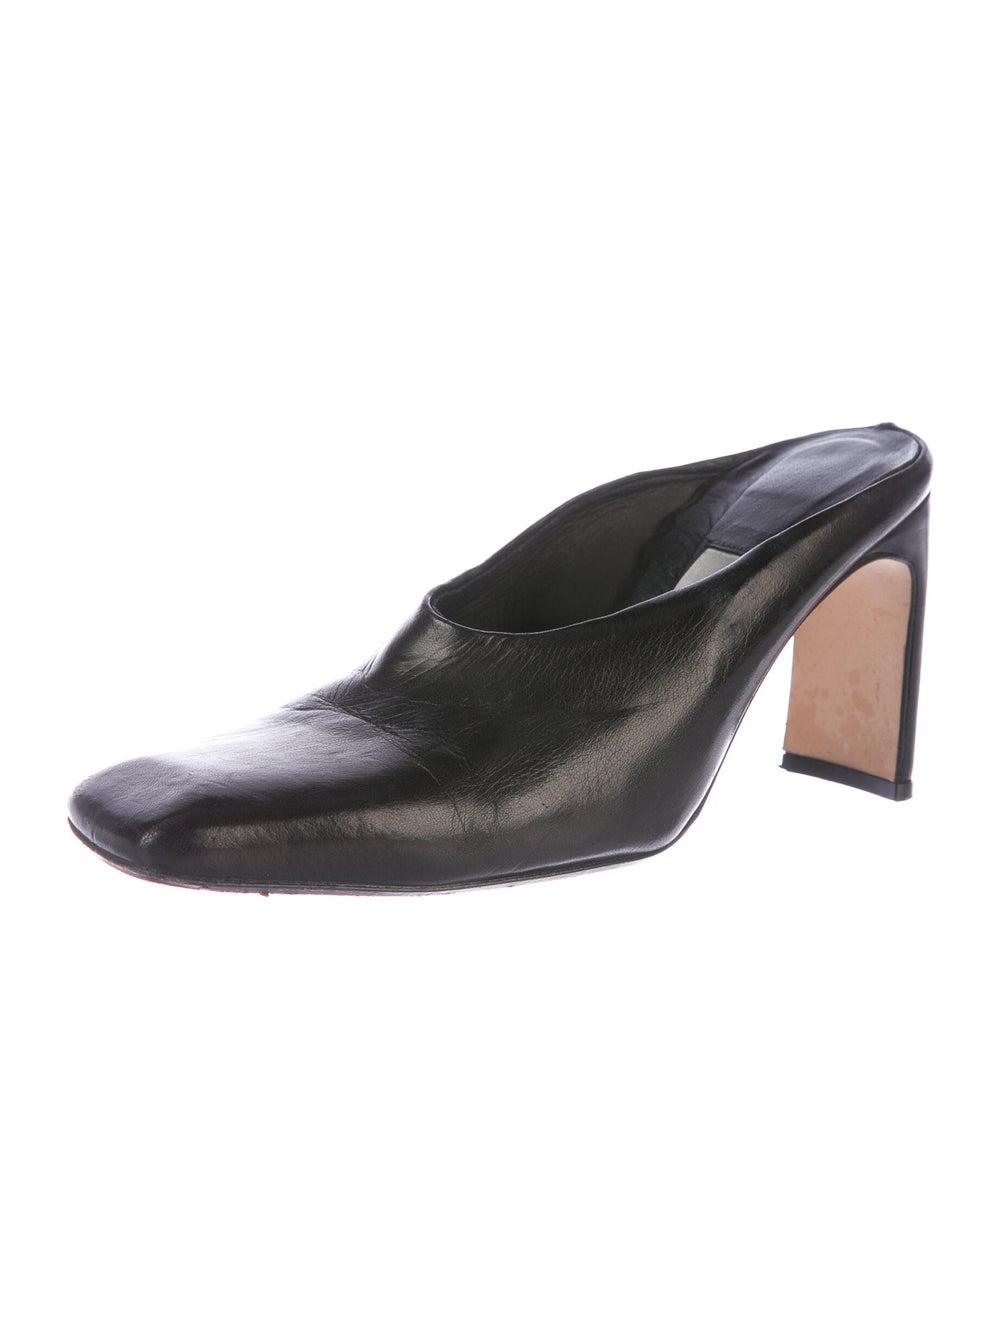 Miista Leather Mules Black - image 2